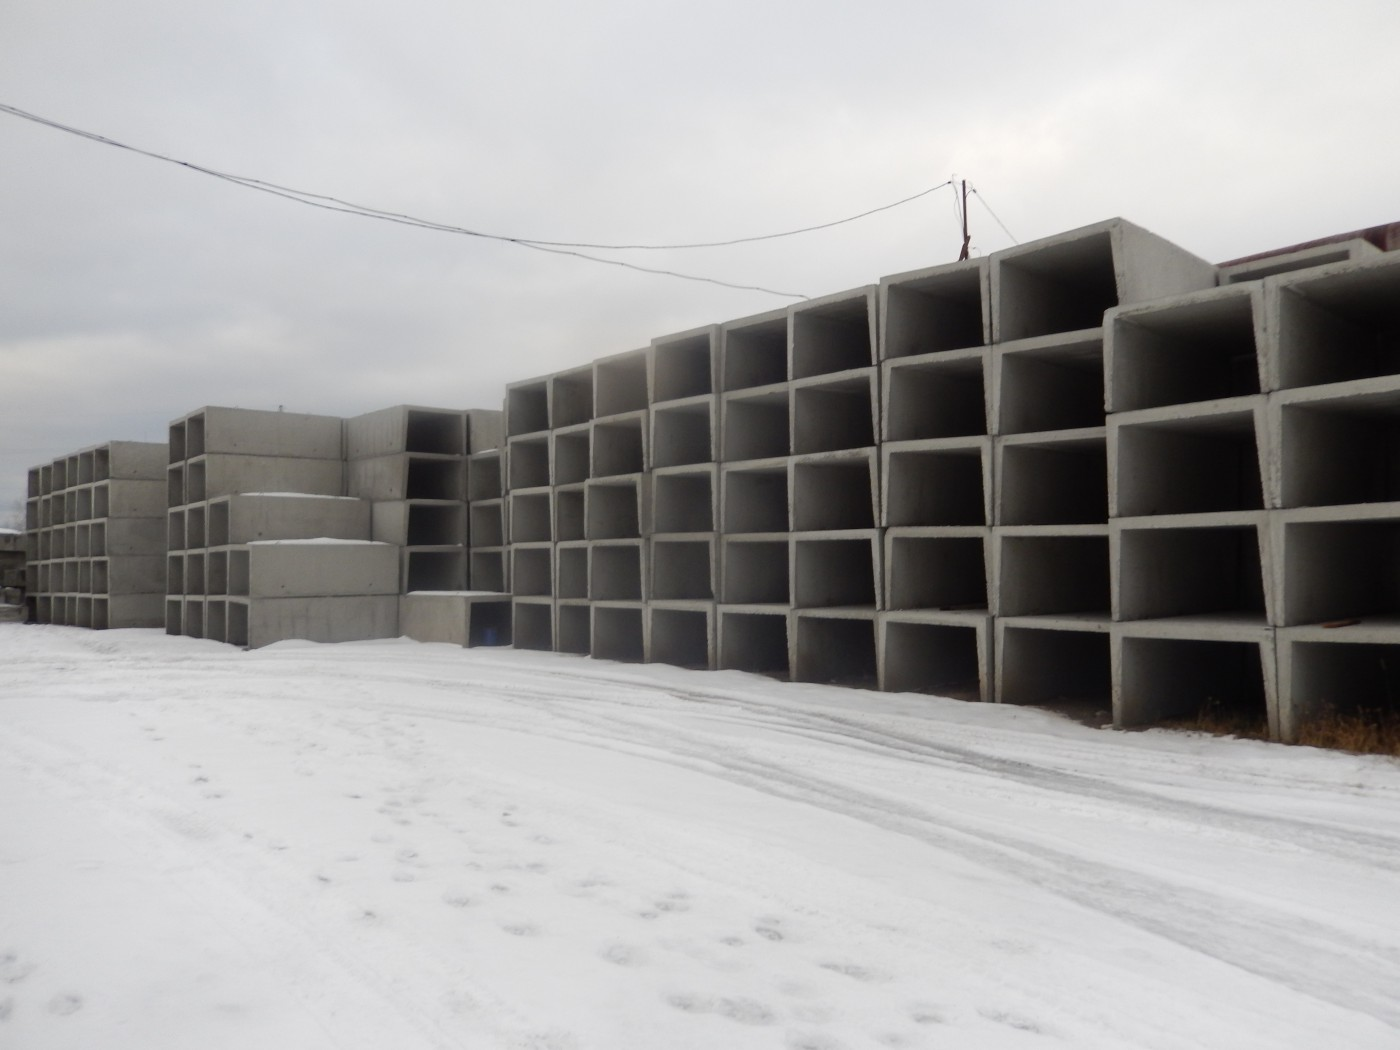 Строительный двор  Екатеринбург Магазин строительных и